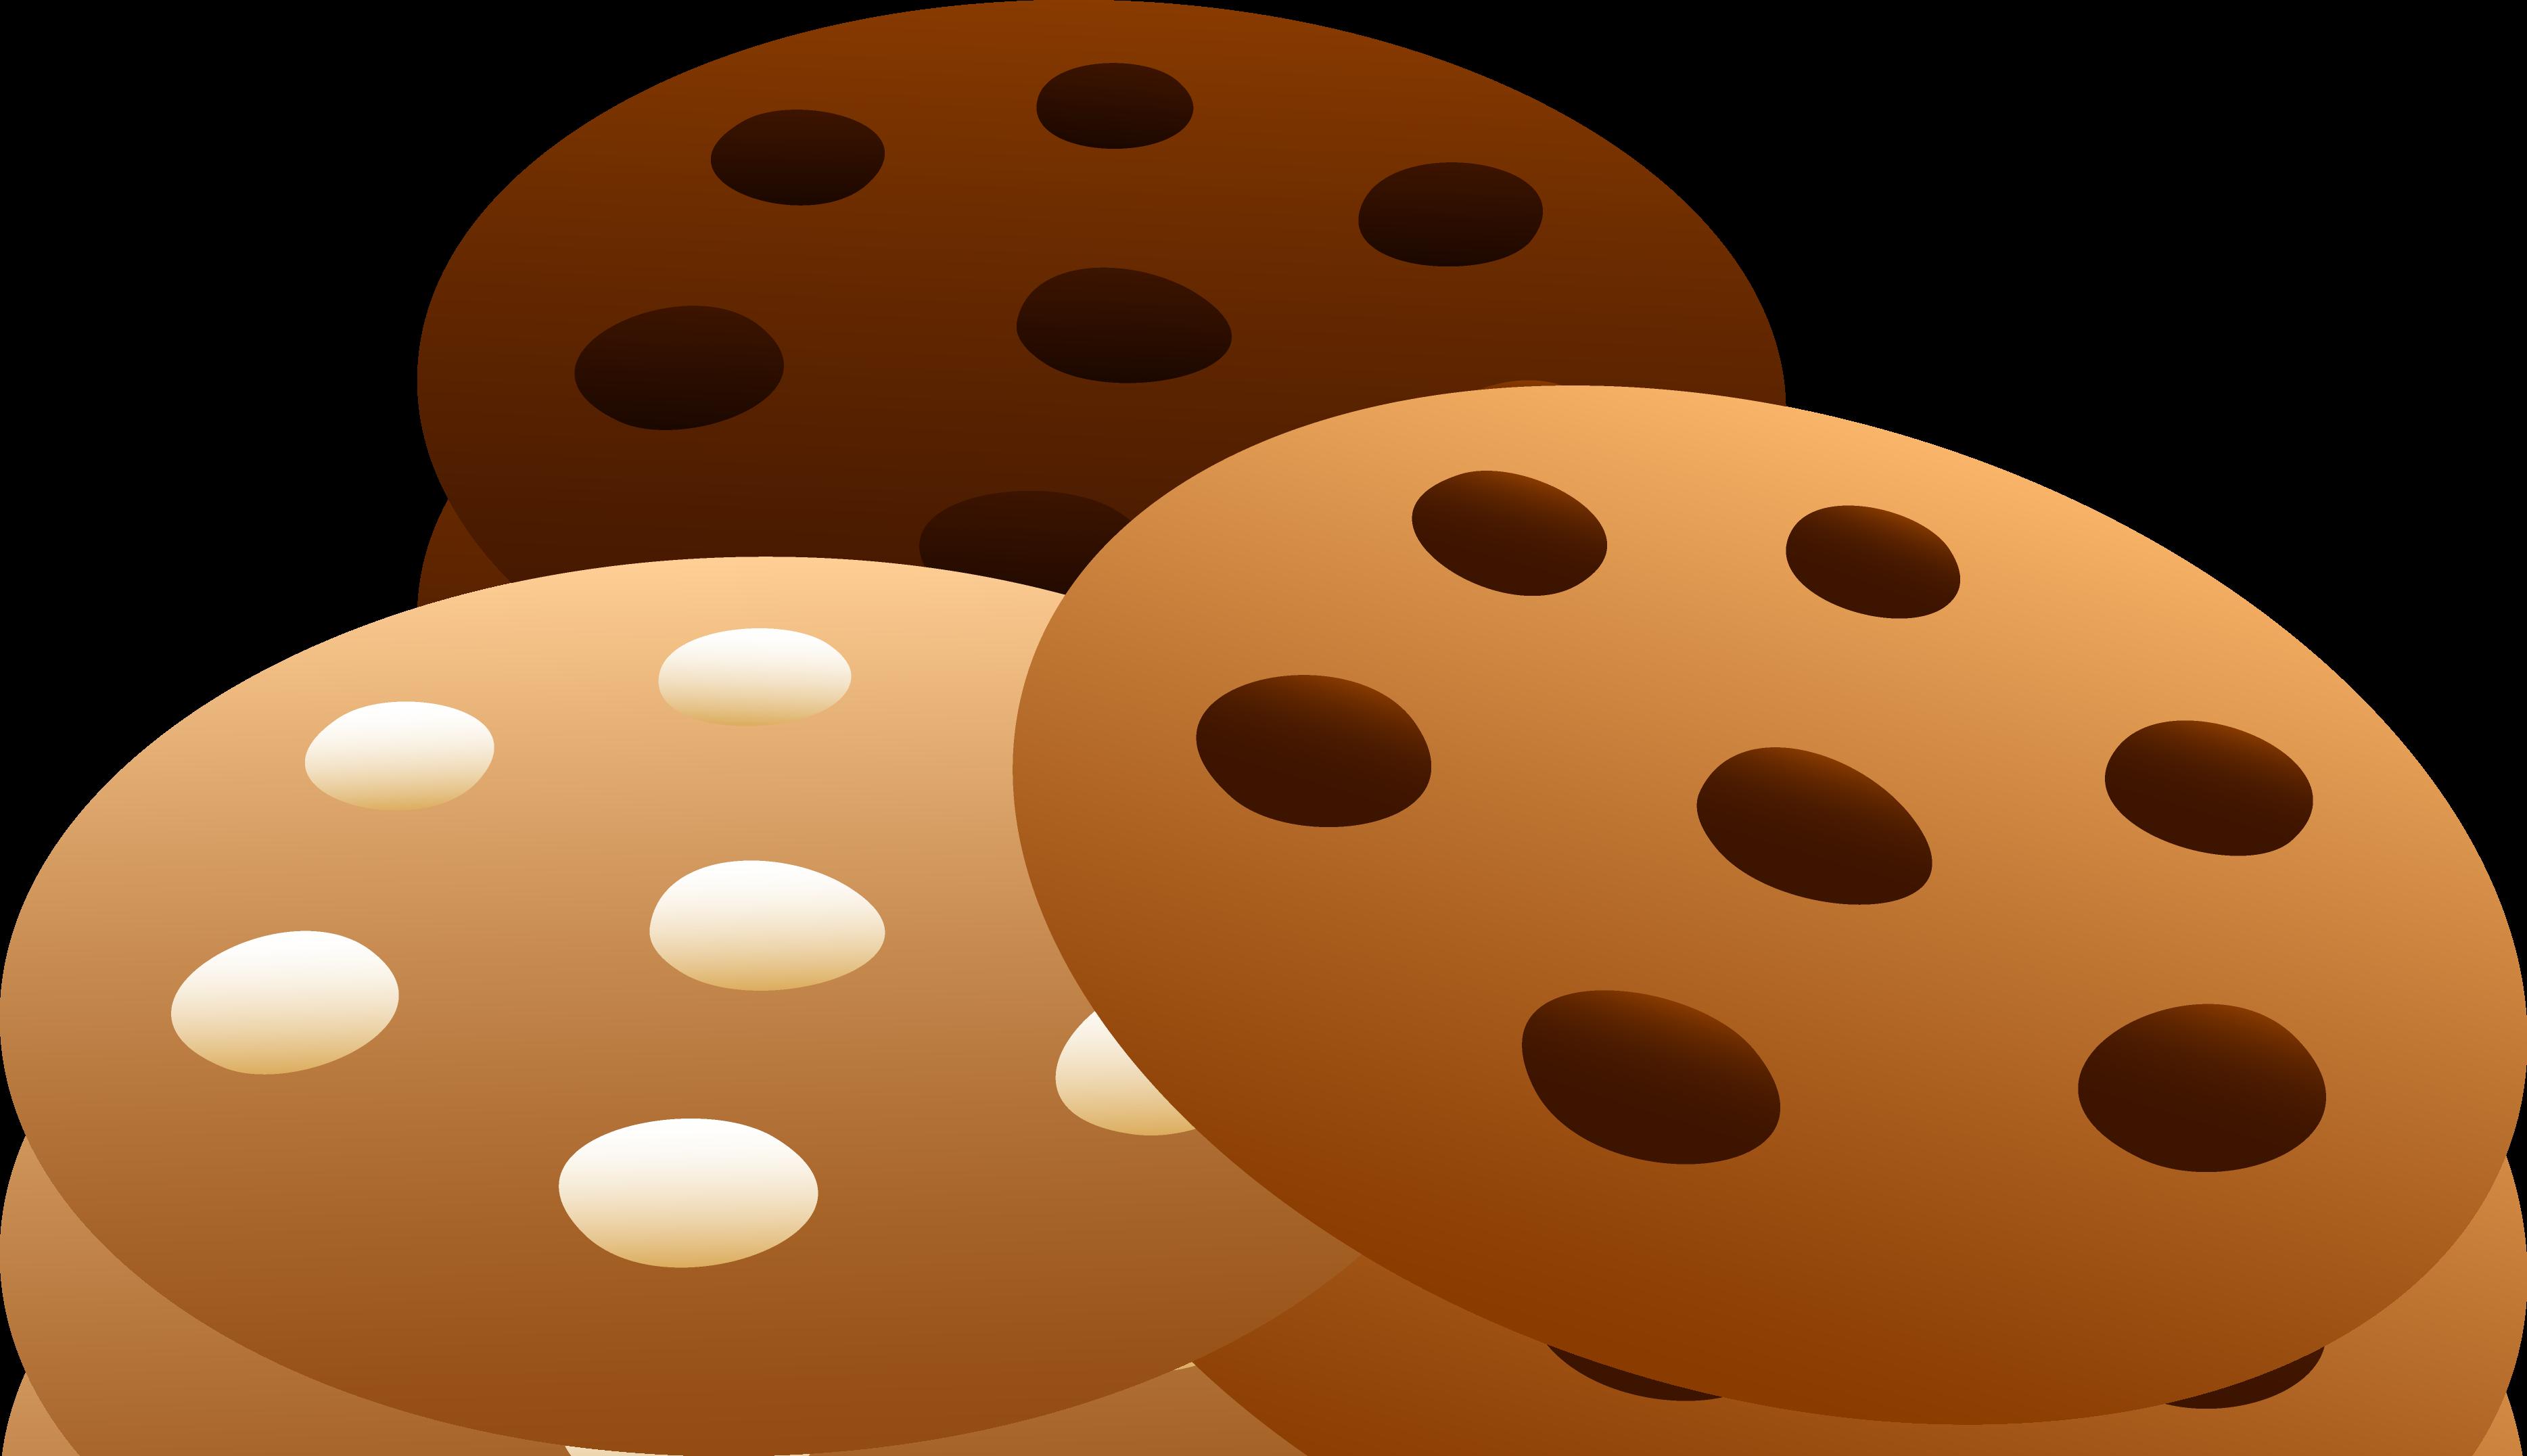 Three Flavors Of Cookies Free Clip Art U-Three Flavors Of Cookies Free Clip Art u0026middot; Chocolate Chip ...-19